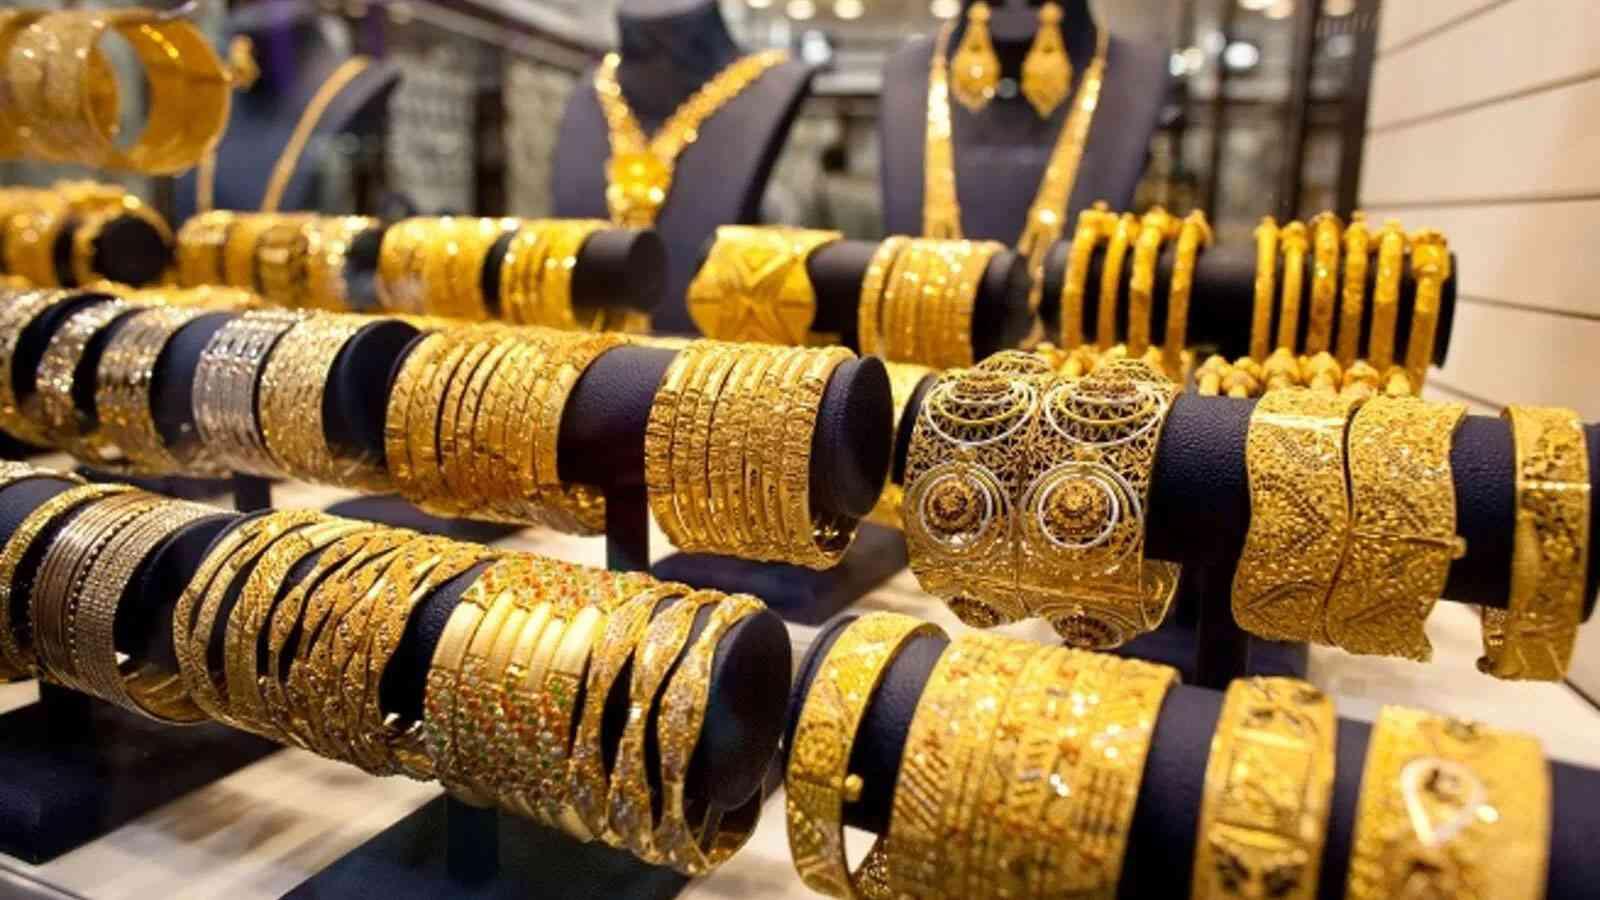 سعر الجنيه الذهب اليوم اسعار الذهب في مصر